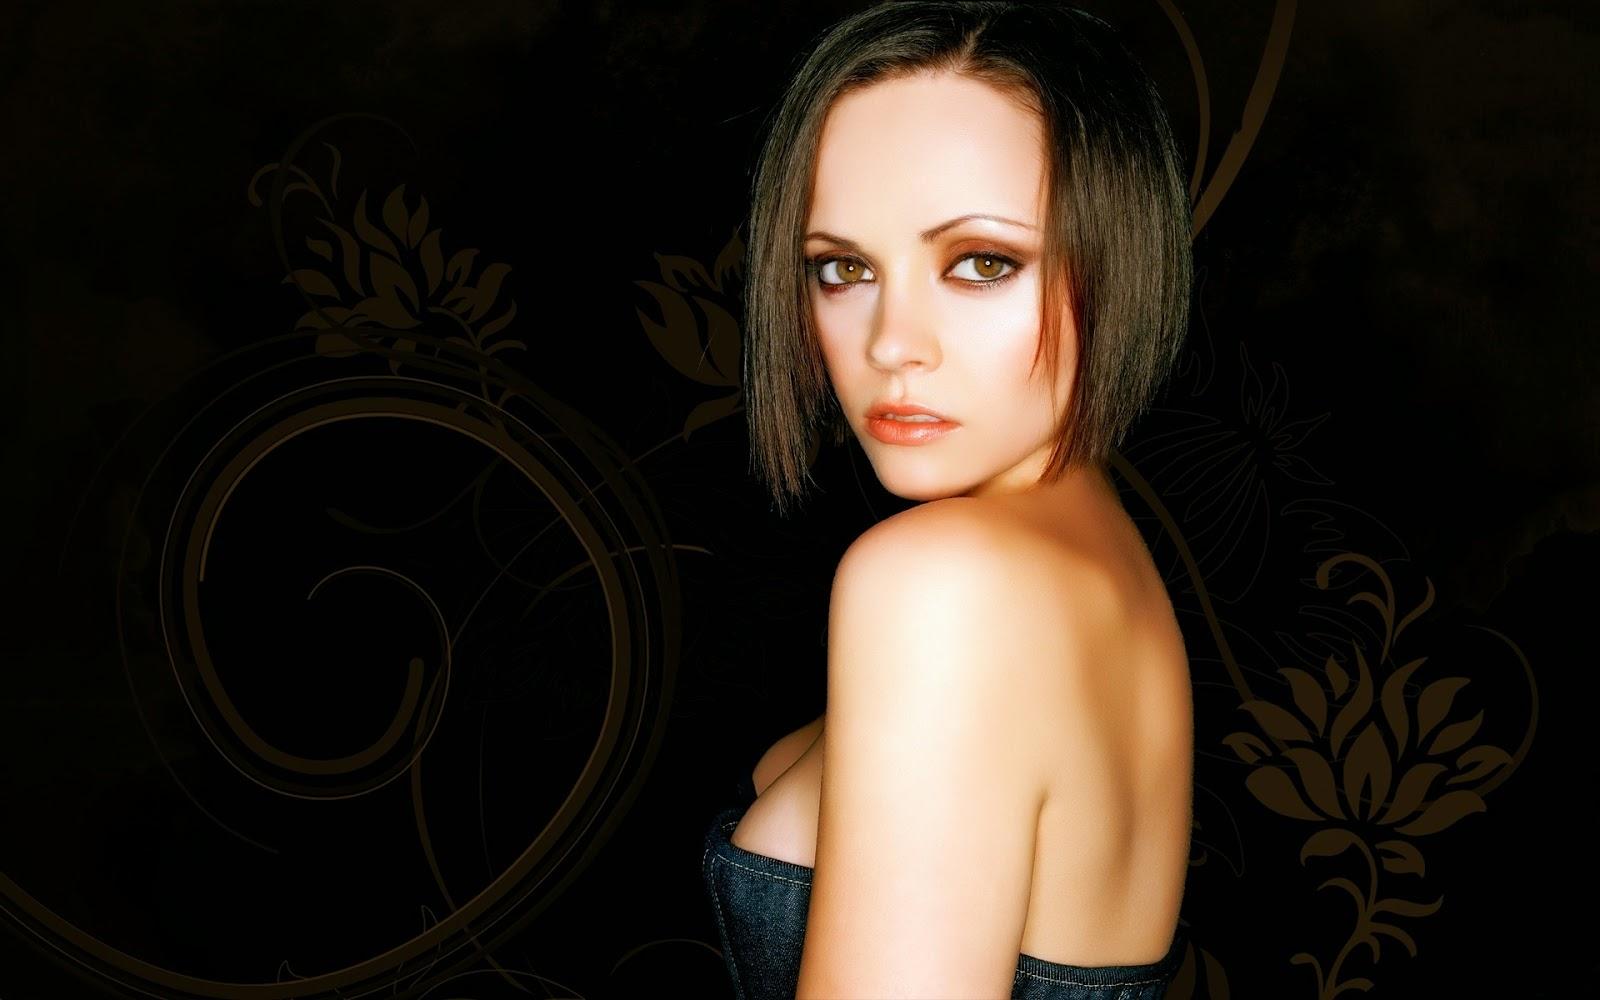 Pretty Christina Ricci